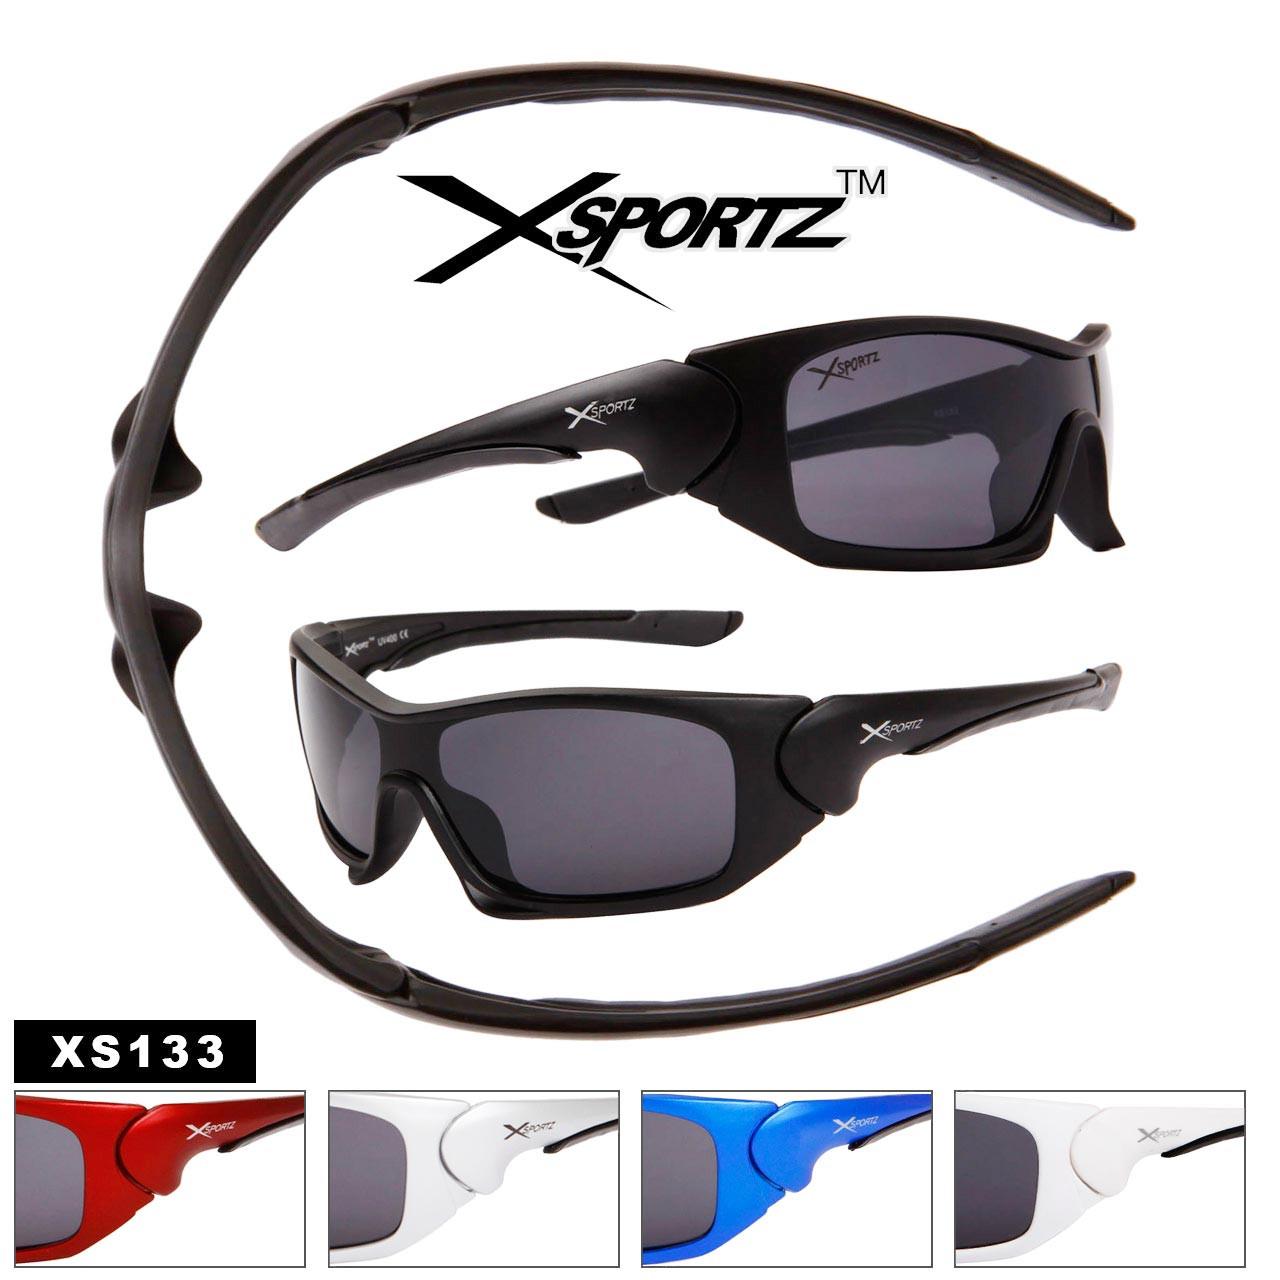 Xsports Sunglasses 20